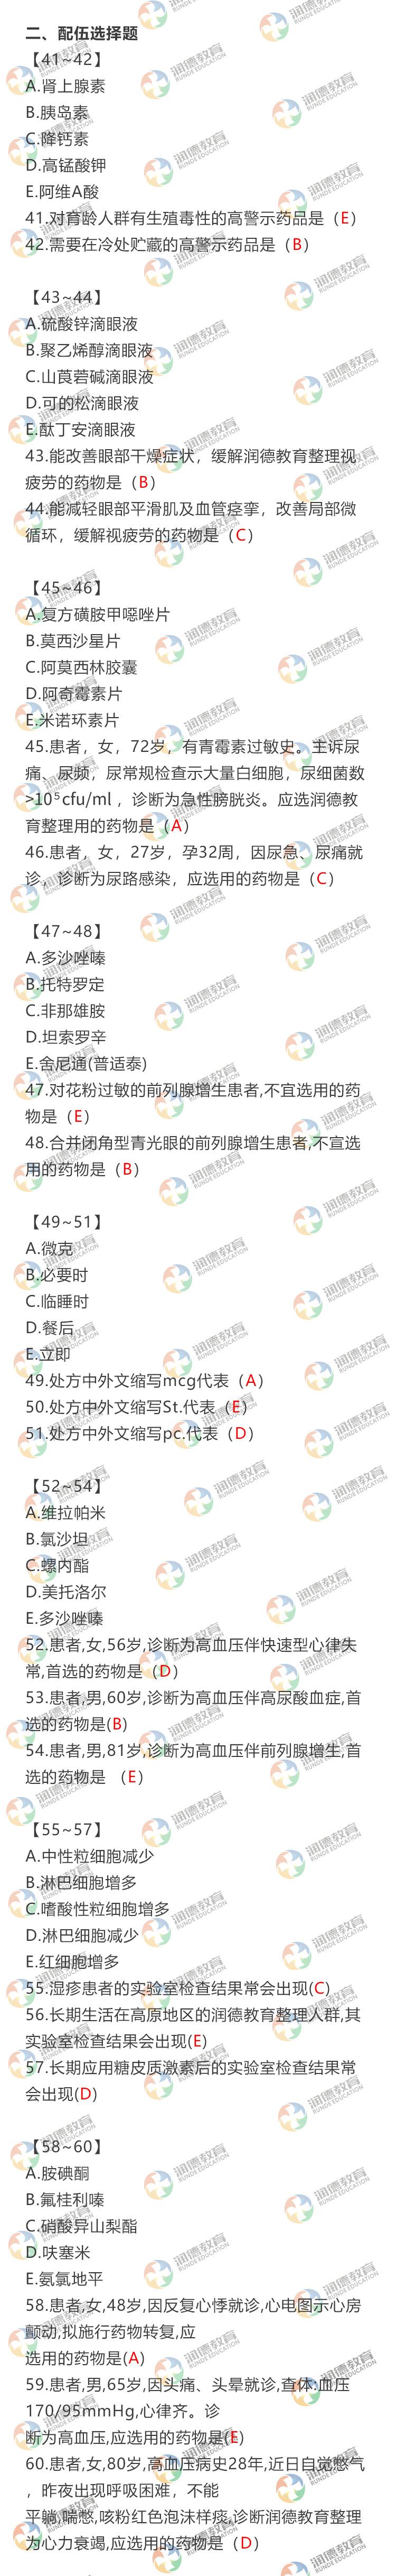 西药综合41-50.jpg